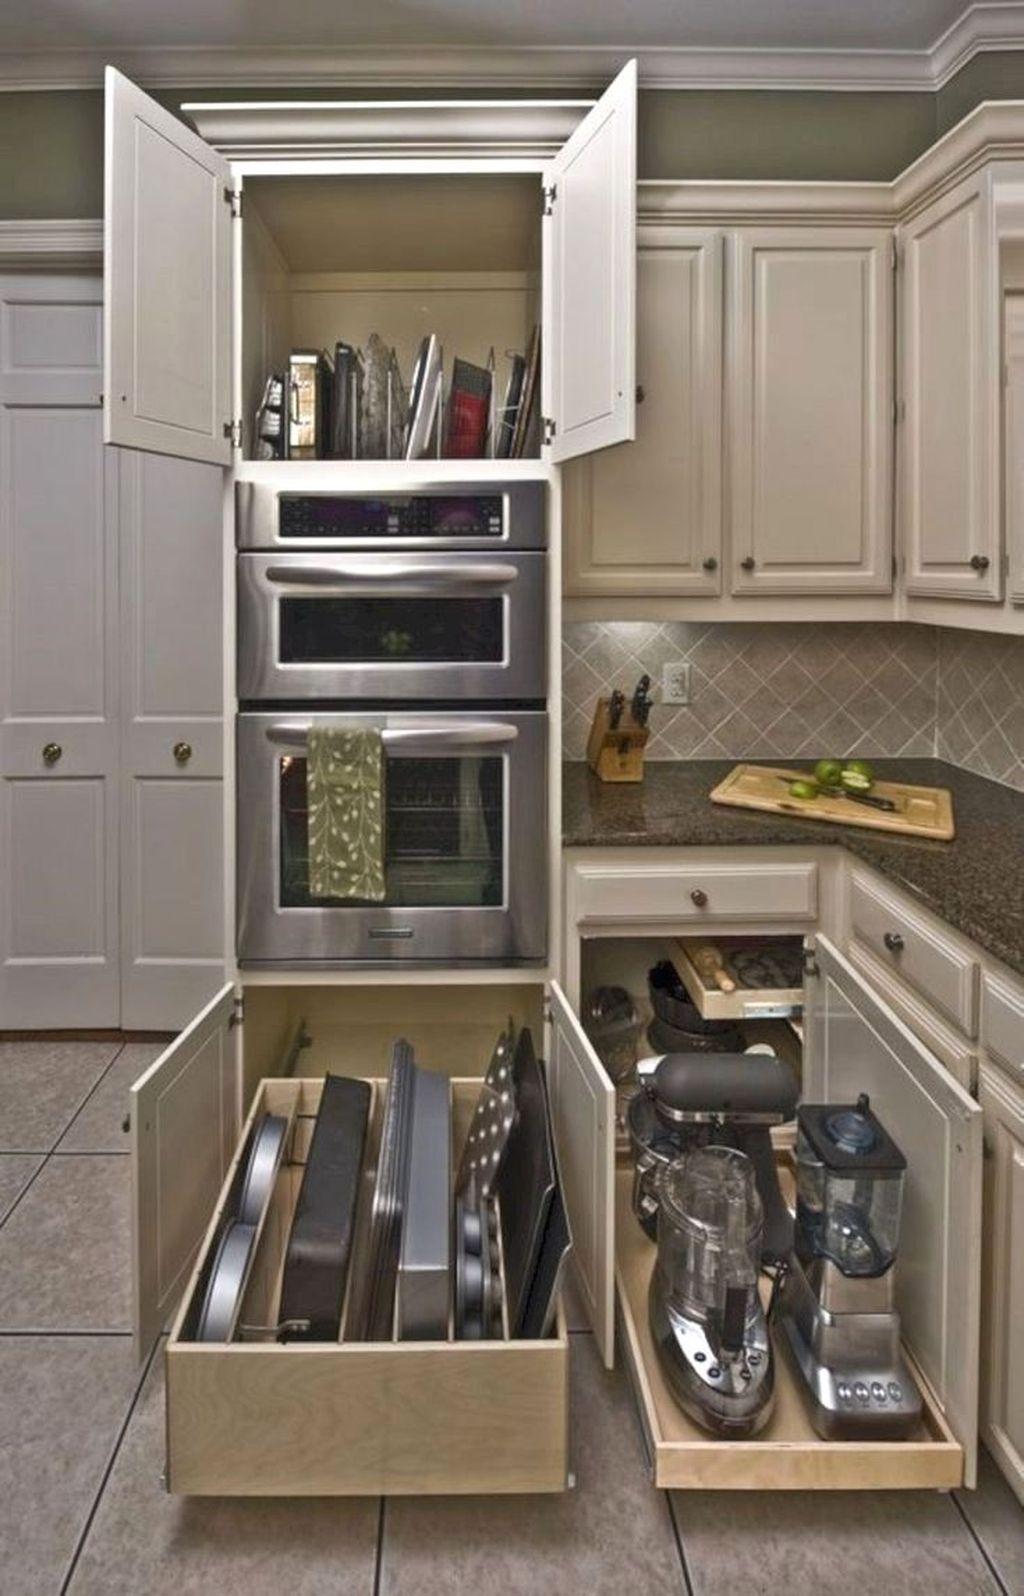 Best Design Ideas For Kitchen Organization Cabinets 35